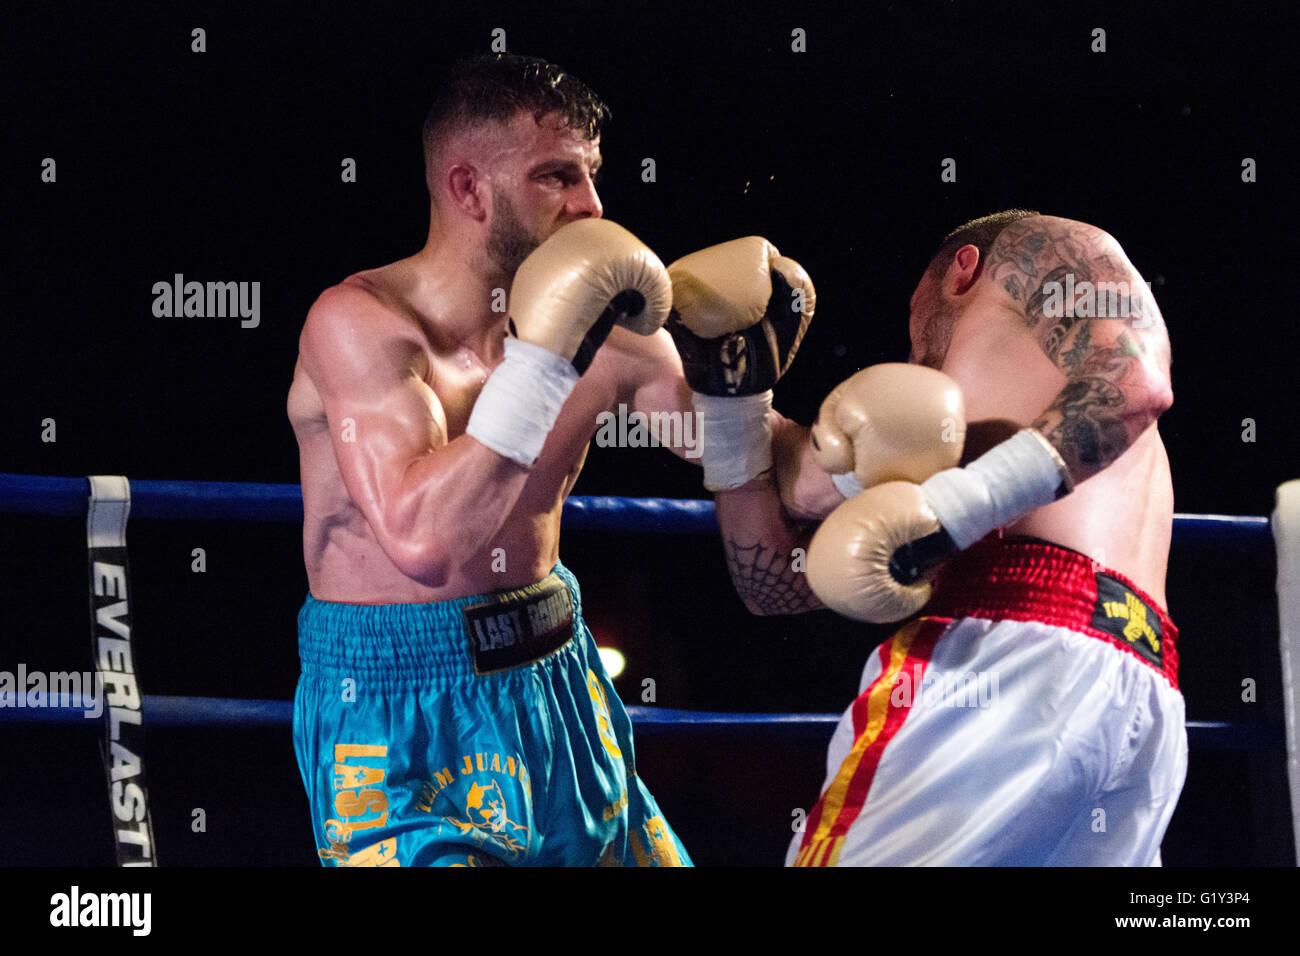 Gijon, Espagne. 21 mai, 2016. Juancho Gonzalez hits Marc Vidal lors de la match de boxe de championnat de boxe poids Photo Stock